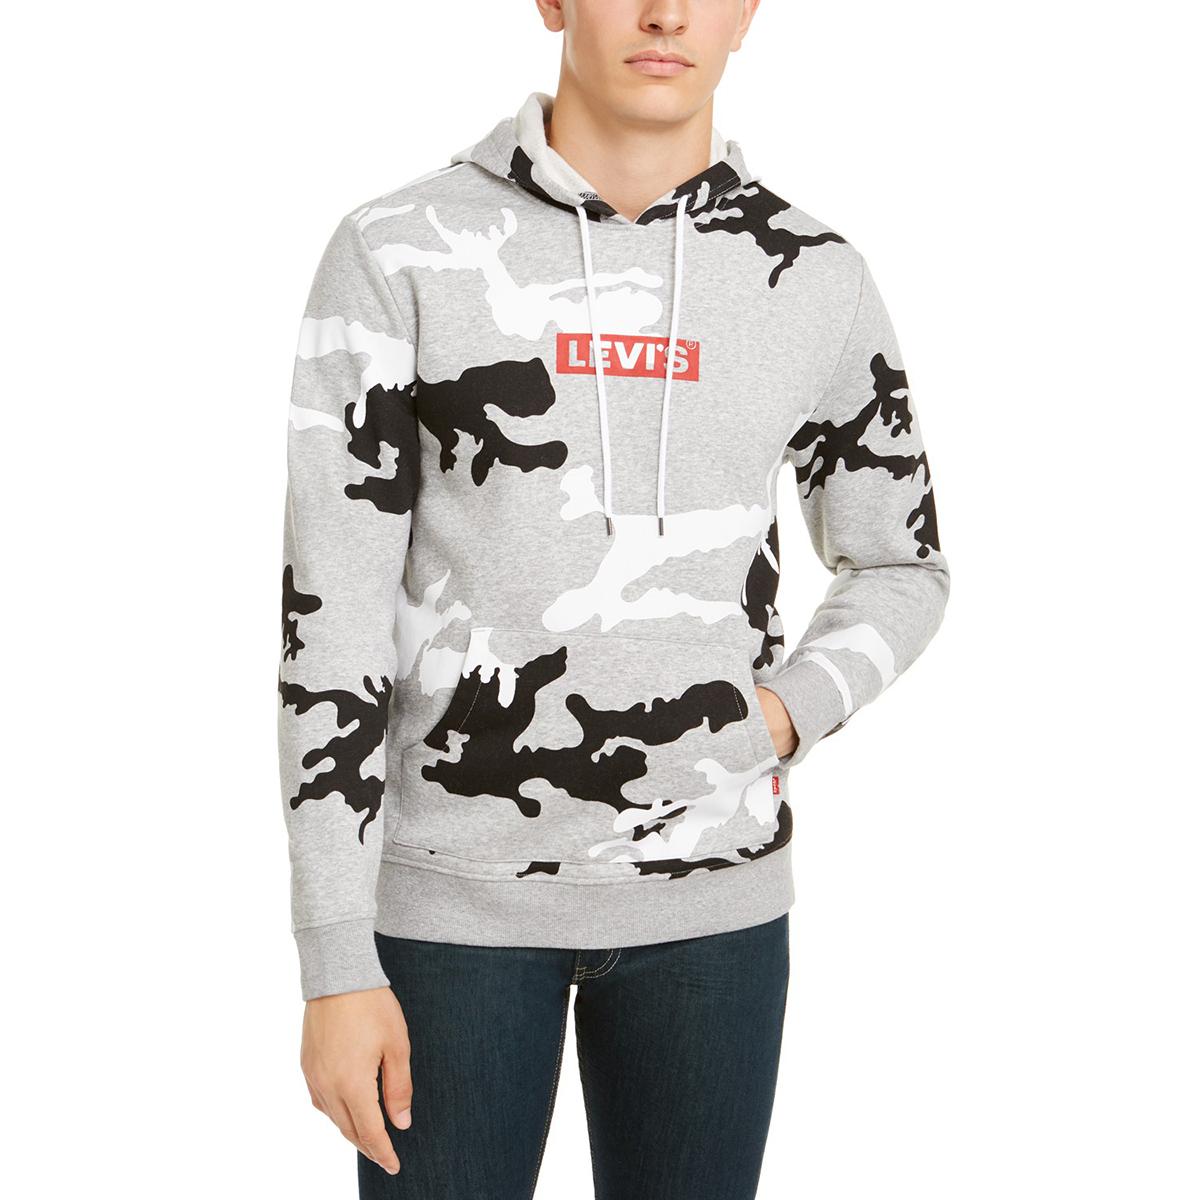 Levi's Men's Camouflage Fleece Hoodie - Black, S